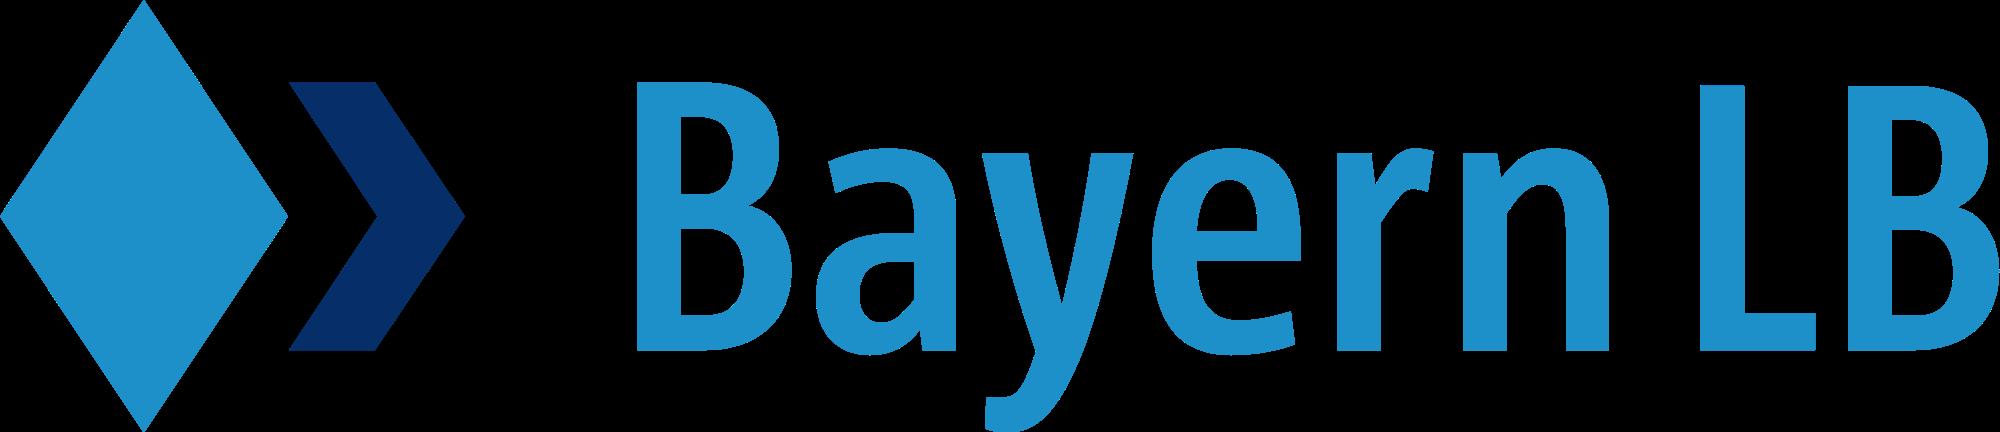 Bayerische LandesbankLogo Image